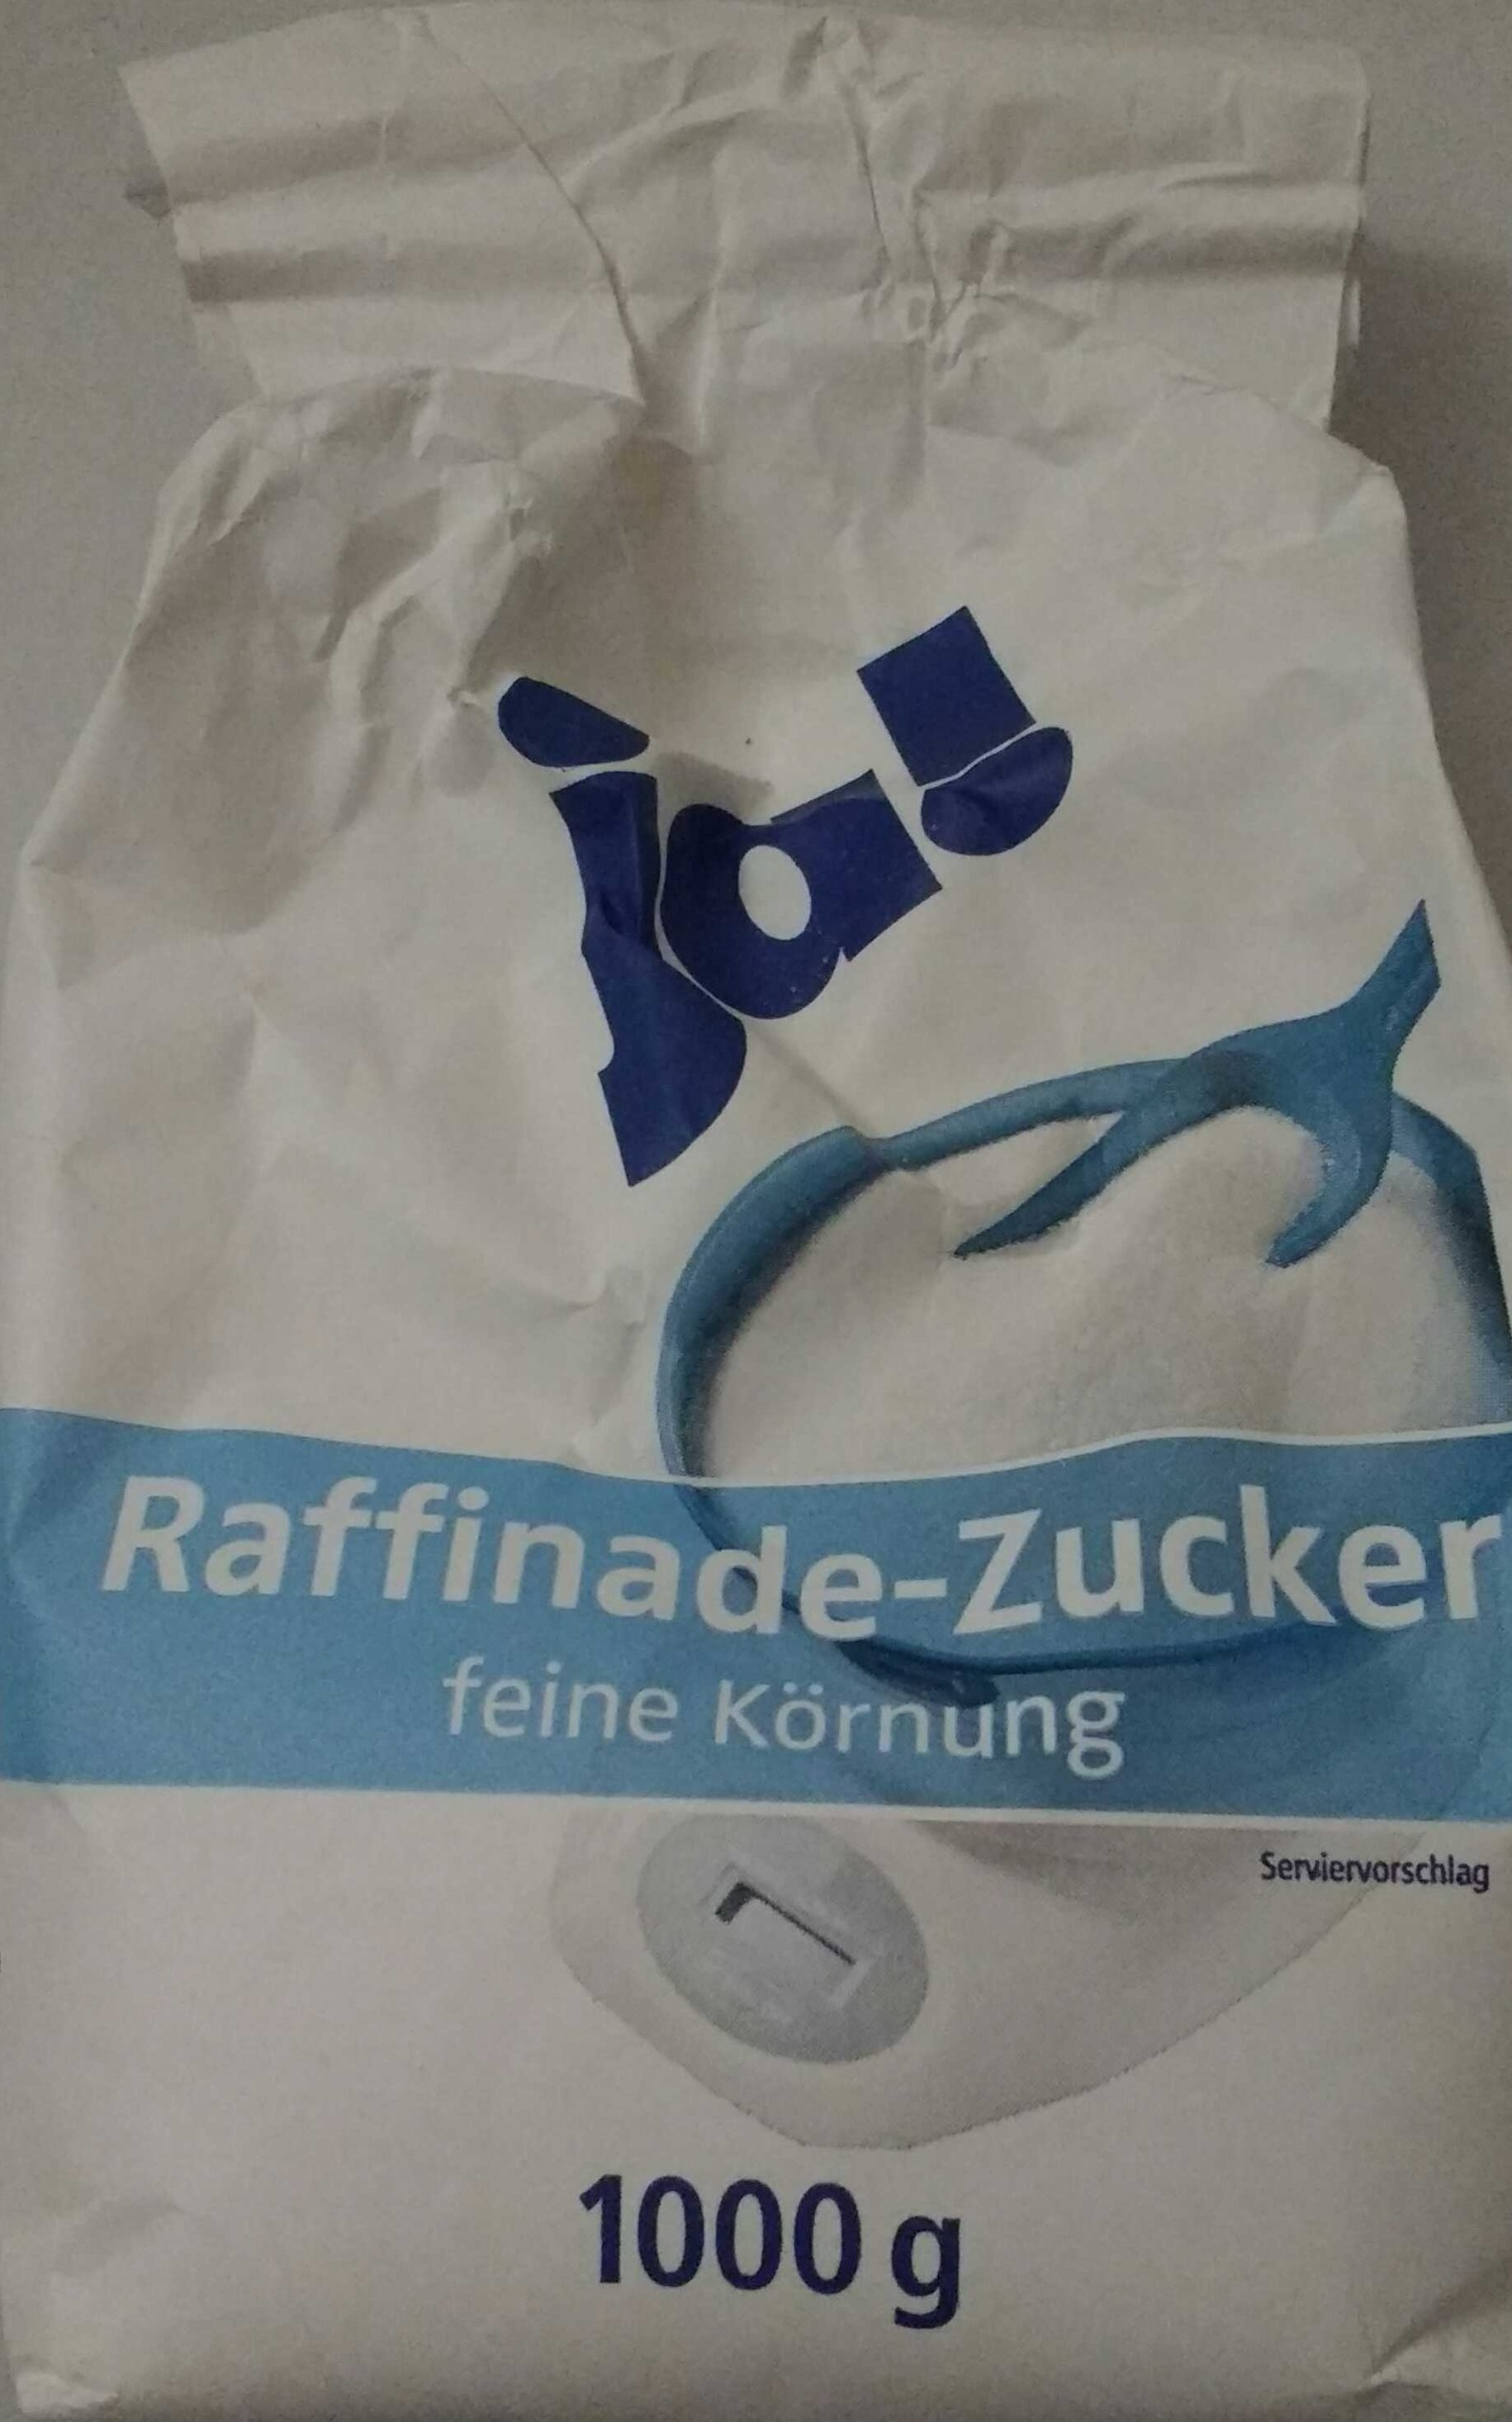 Raffinade-Zucker - 产品